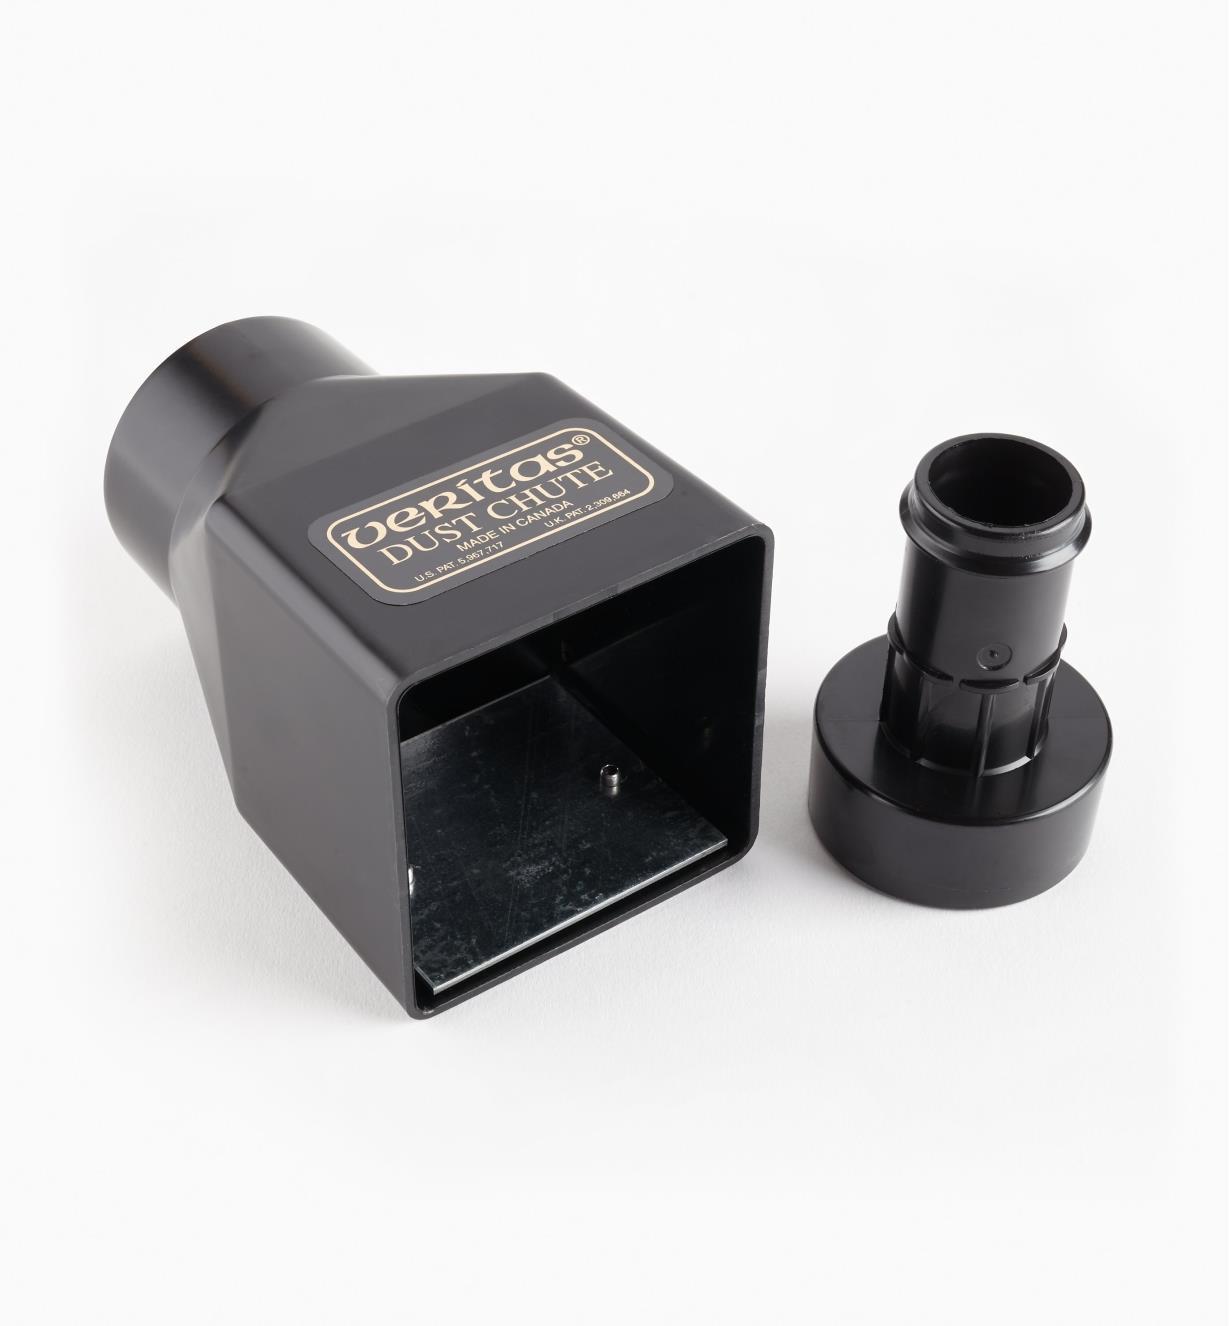 05J2110 - Capteur de poussière magnétique etraccordréducteur